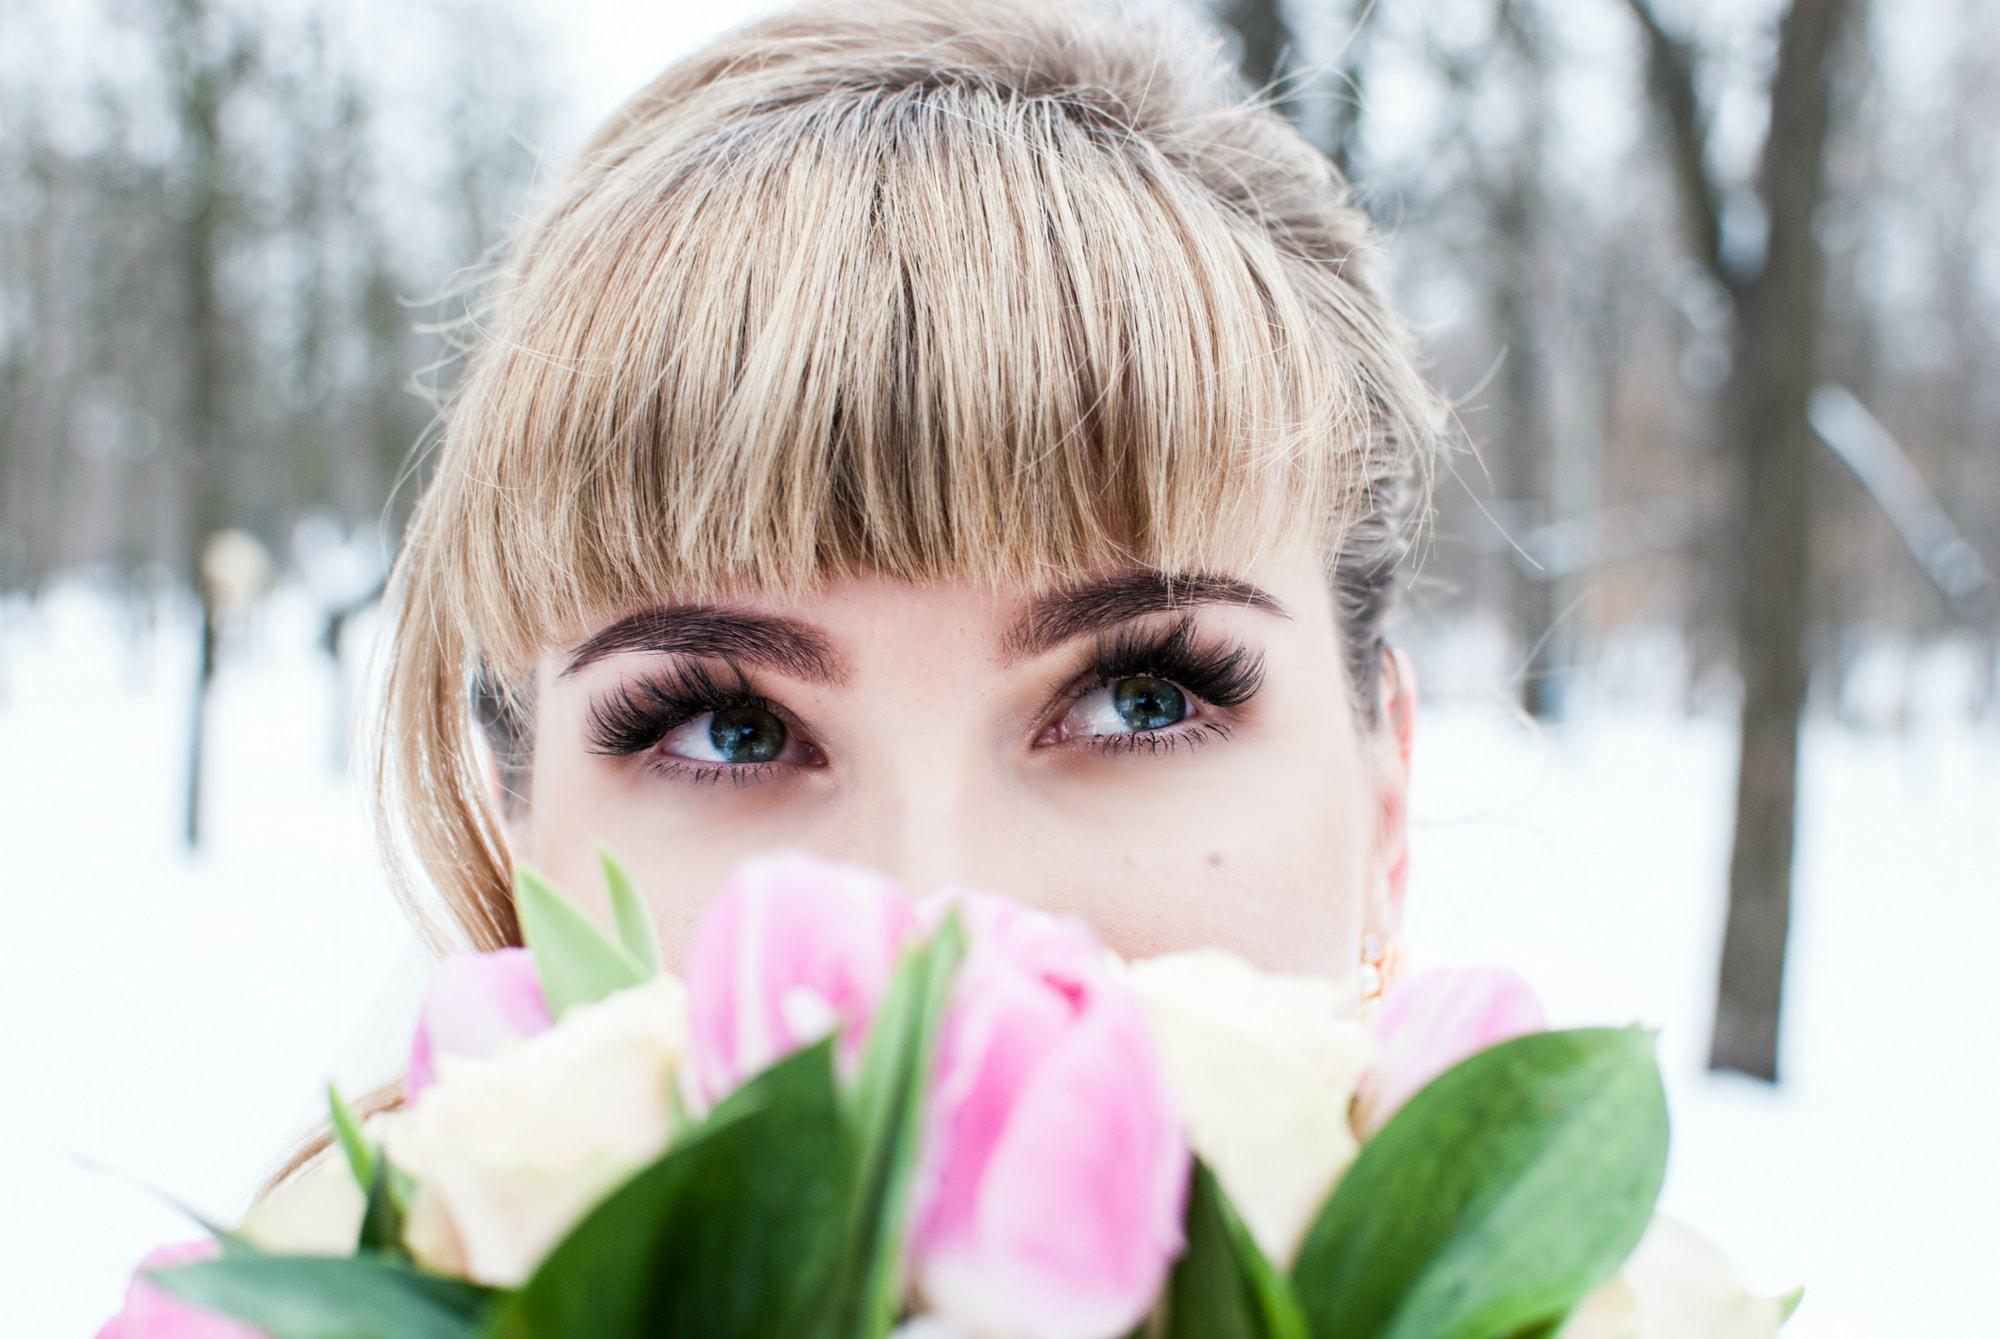 Фотография голубых глаз невесты - Фотограф Киев - Женя Лайт